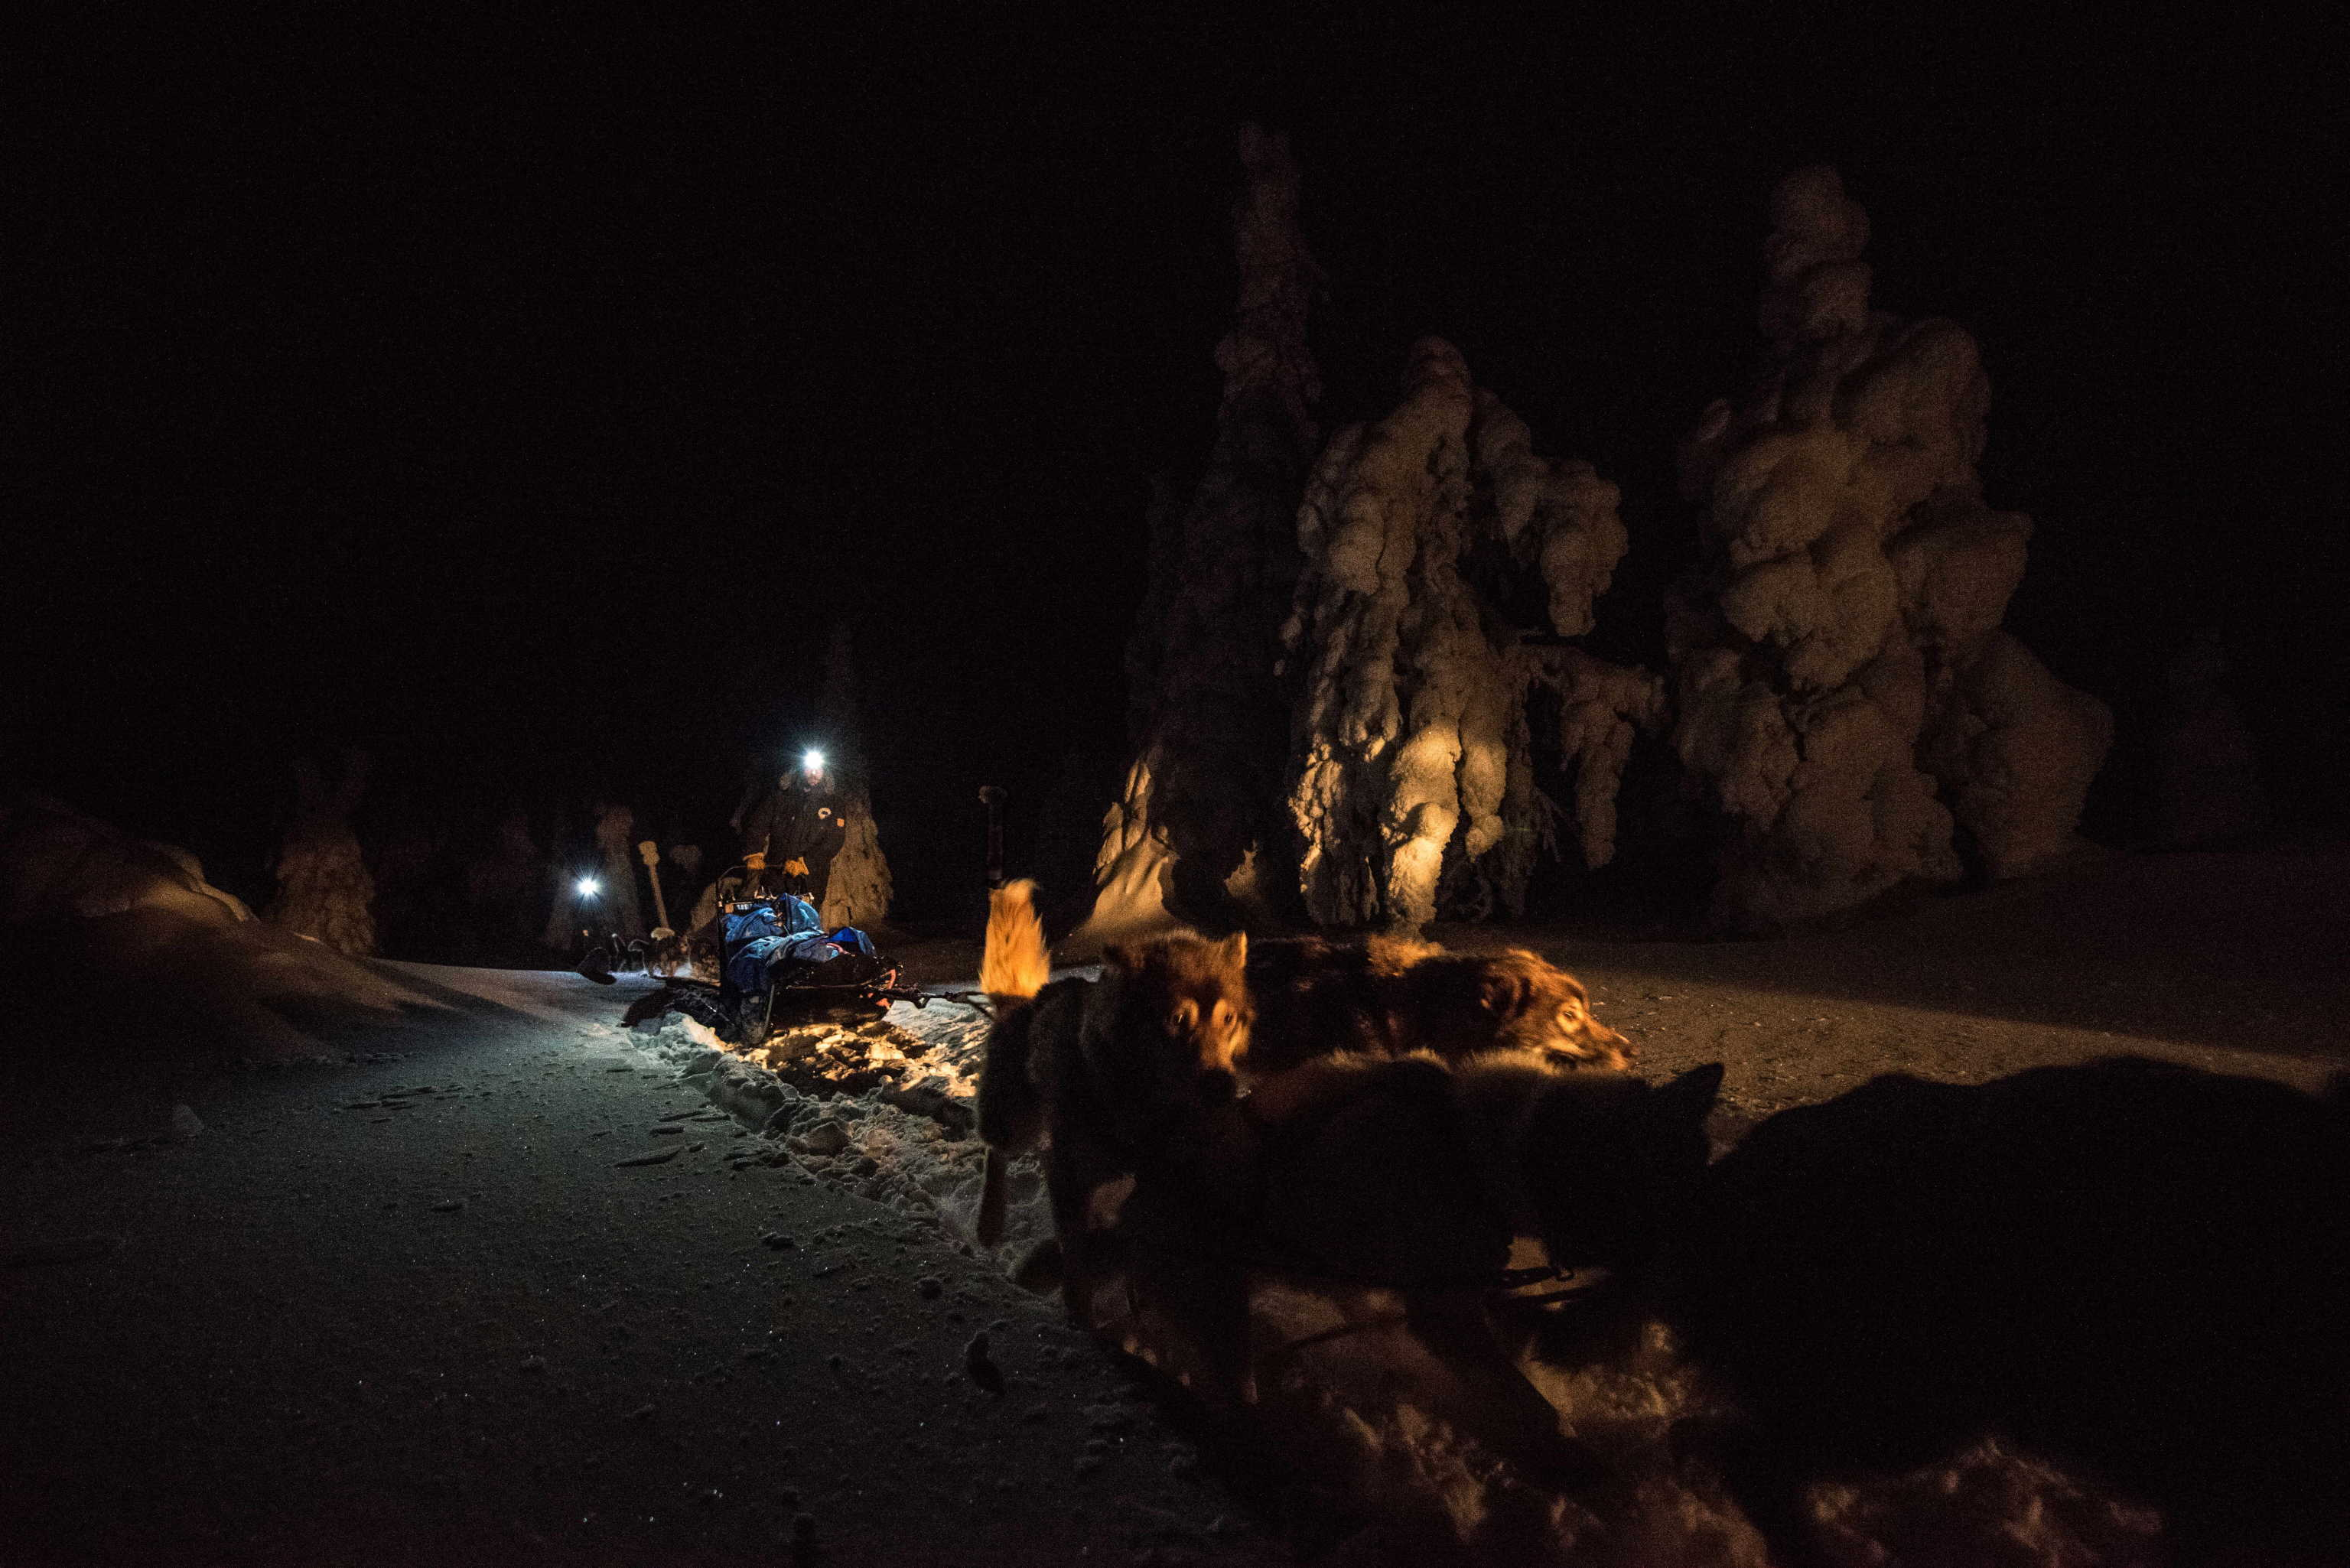 Descente nocturne à Iivaara